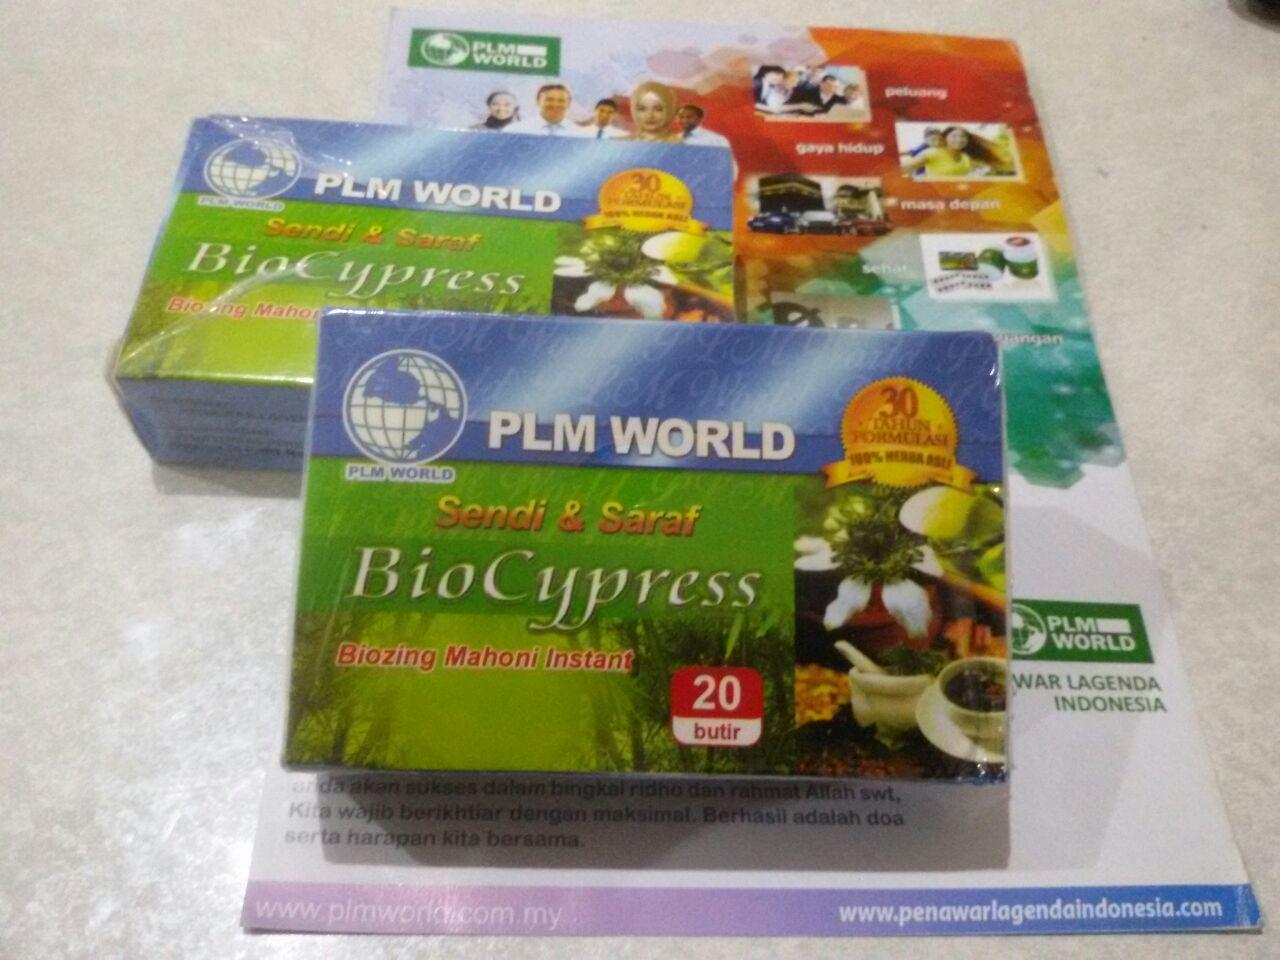 Jual Biocypress Herbal Ampuh Mengobati Sendi Saraf Dan Stroke Bio Cypress Obat Sakit Info Lengkap Hubungi